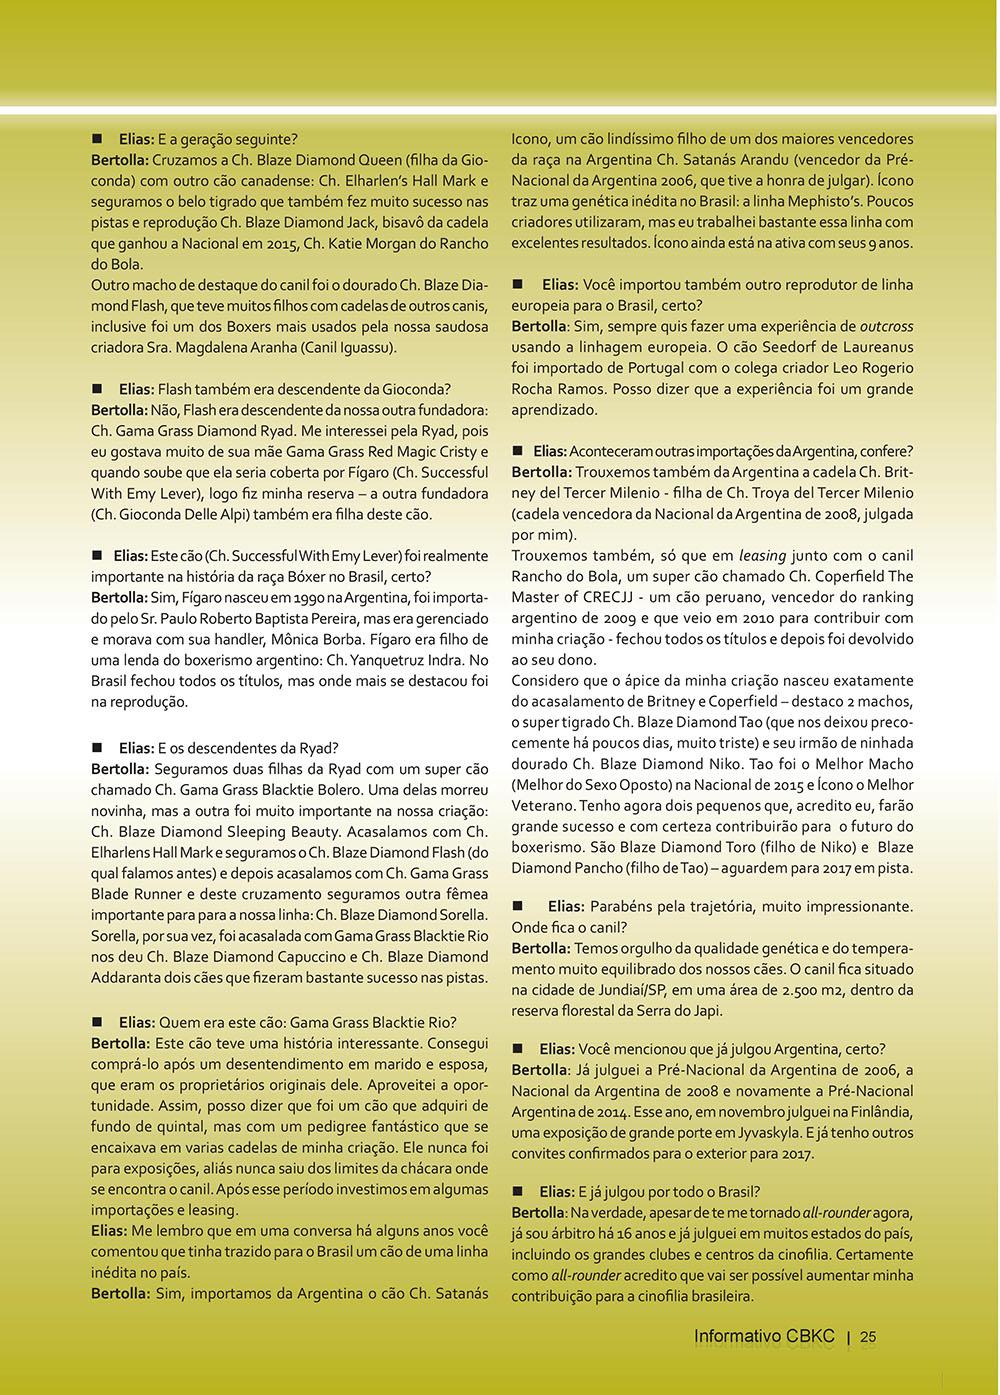 Pagina 25  Edição 53 do Informativo CBKC